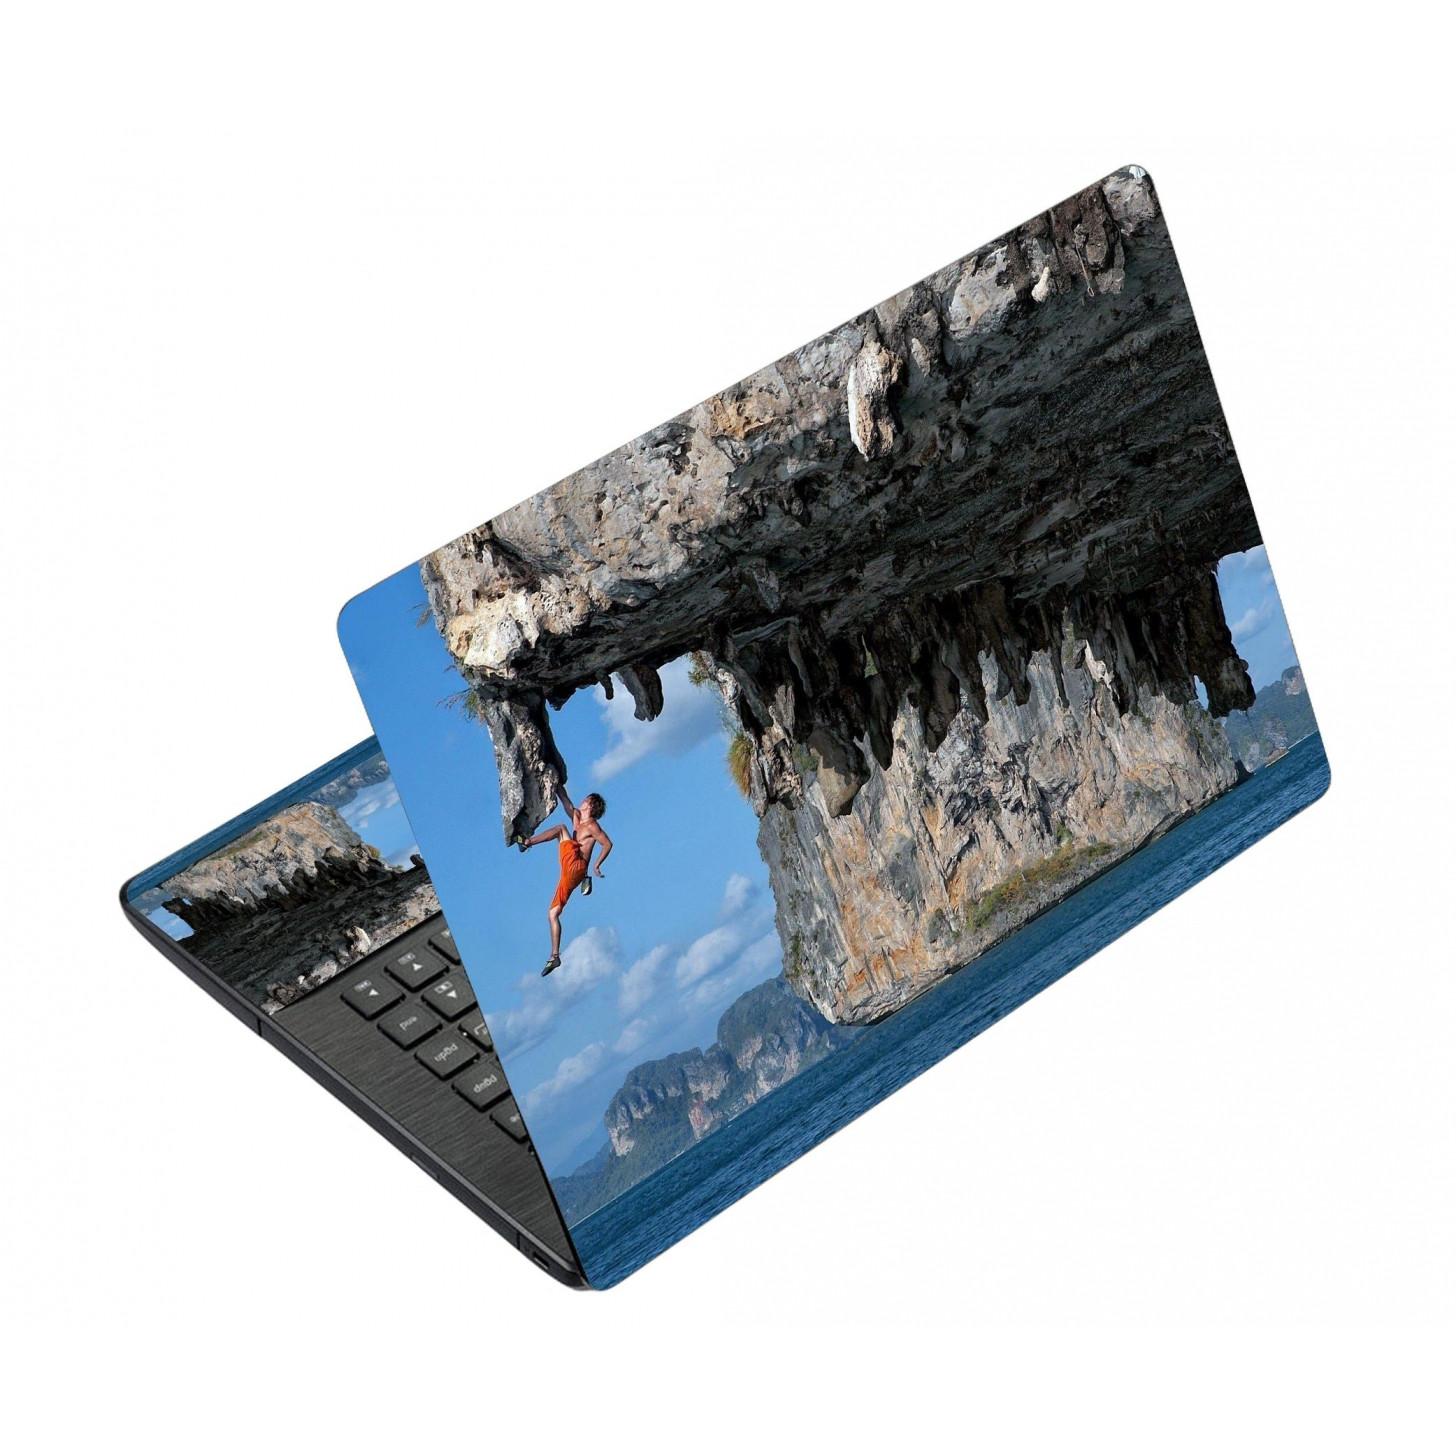 Miếng Dán Decal Dành Cho Laptop Mẫu Thể Thao TLTT - 49 cỡ 13 inch